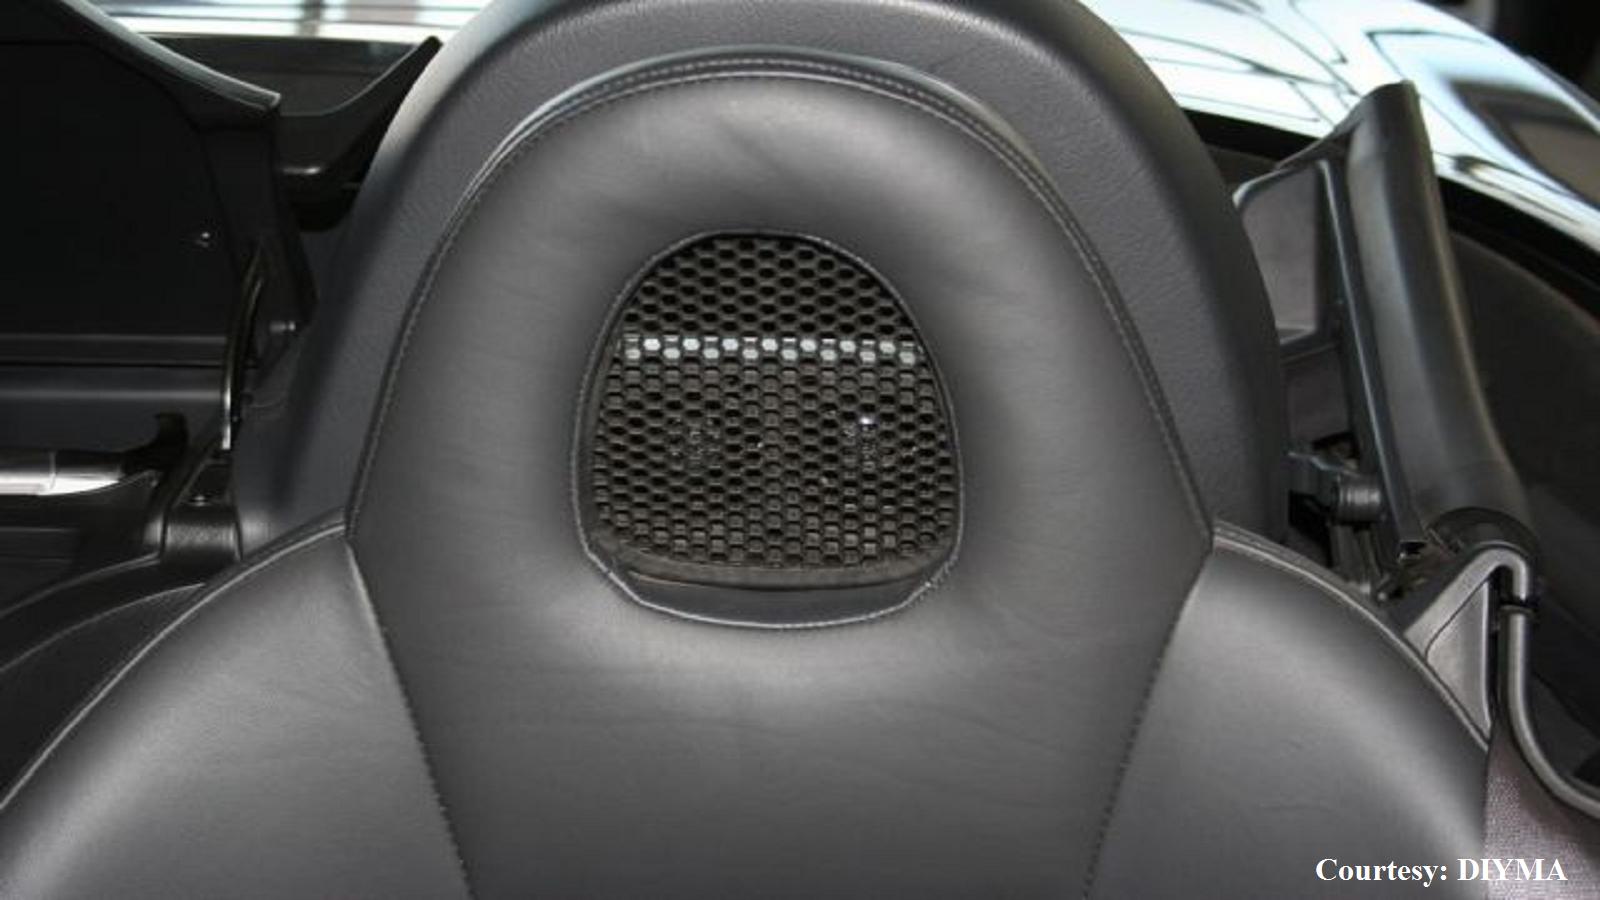 Headrest speakers